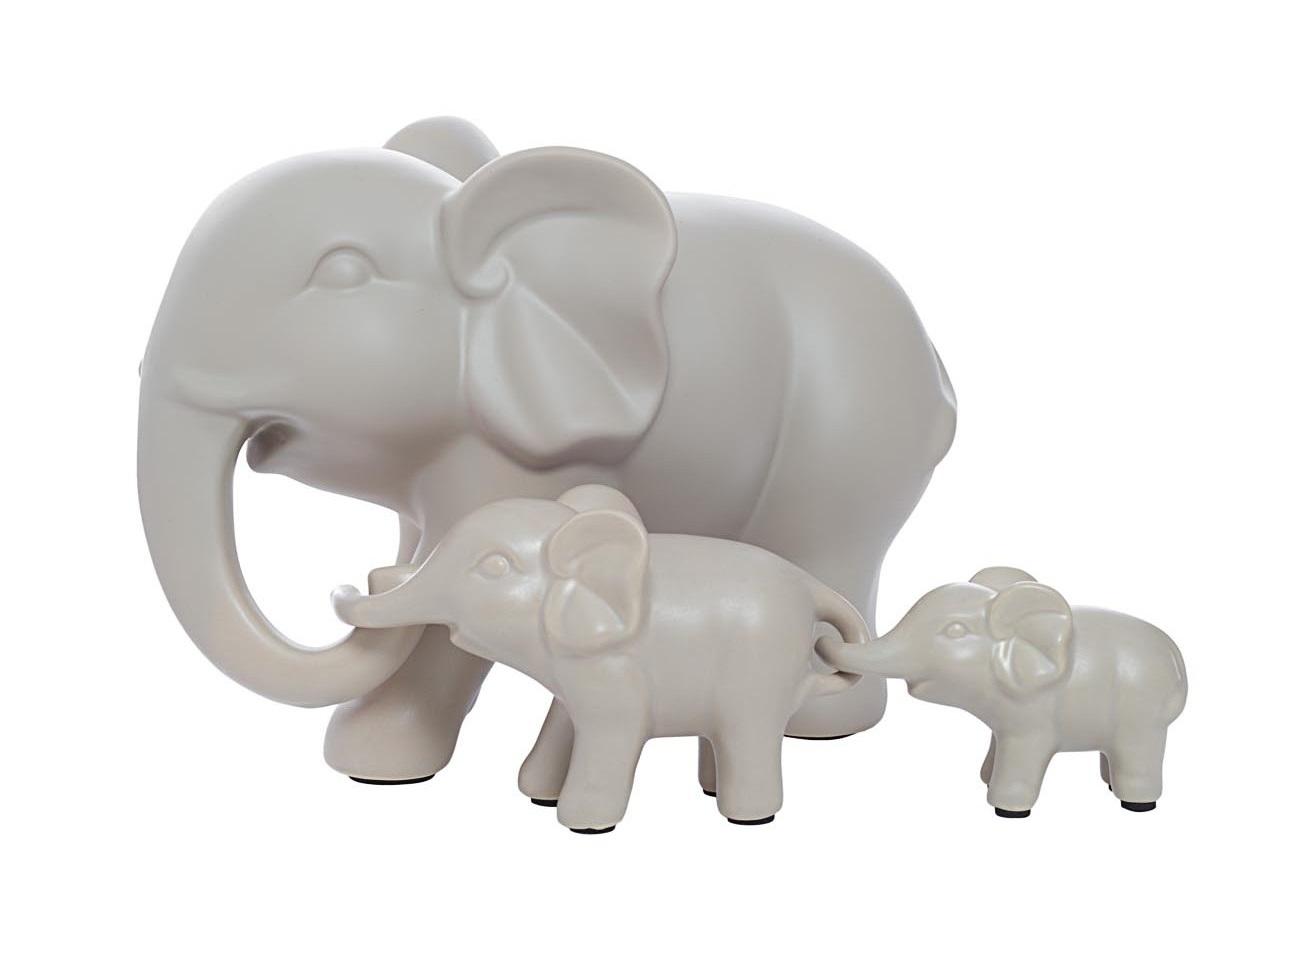 Статуэтка Набор слонов (3 шт)Статуэтки<br>В комплекте три статуэтки: 25х13х17, 14.5х6.5х8, 14.5х6.5х8<br><br>Material: Керамика<br>Ширина см: 25<br>Высота см: 17<br>Глубина см: 13